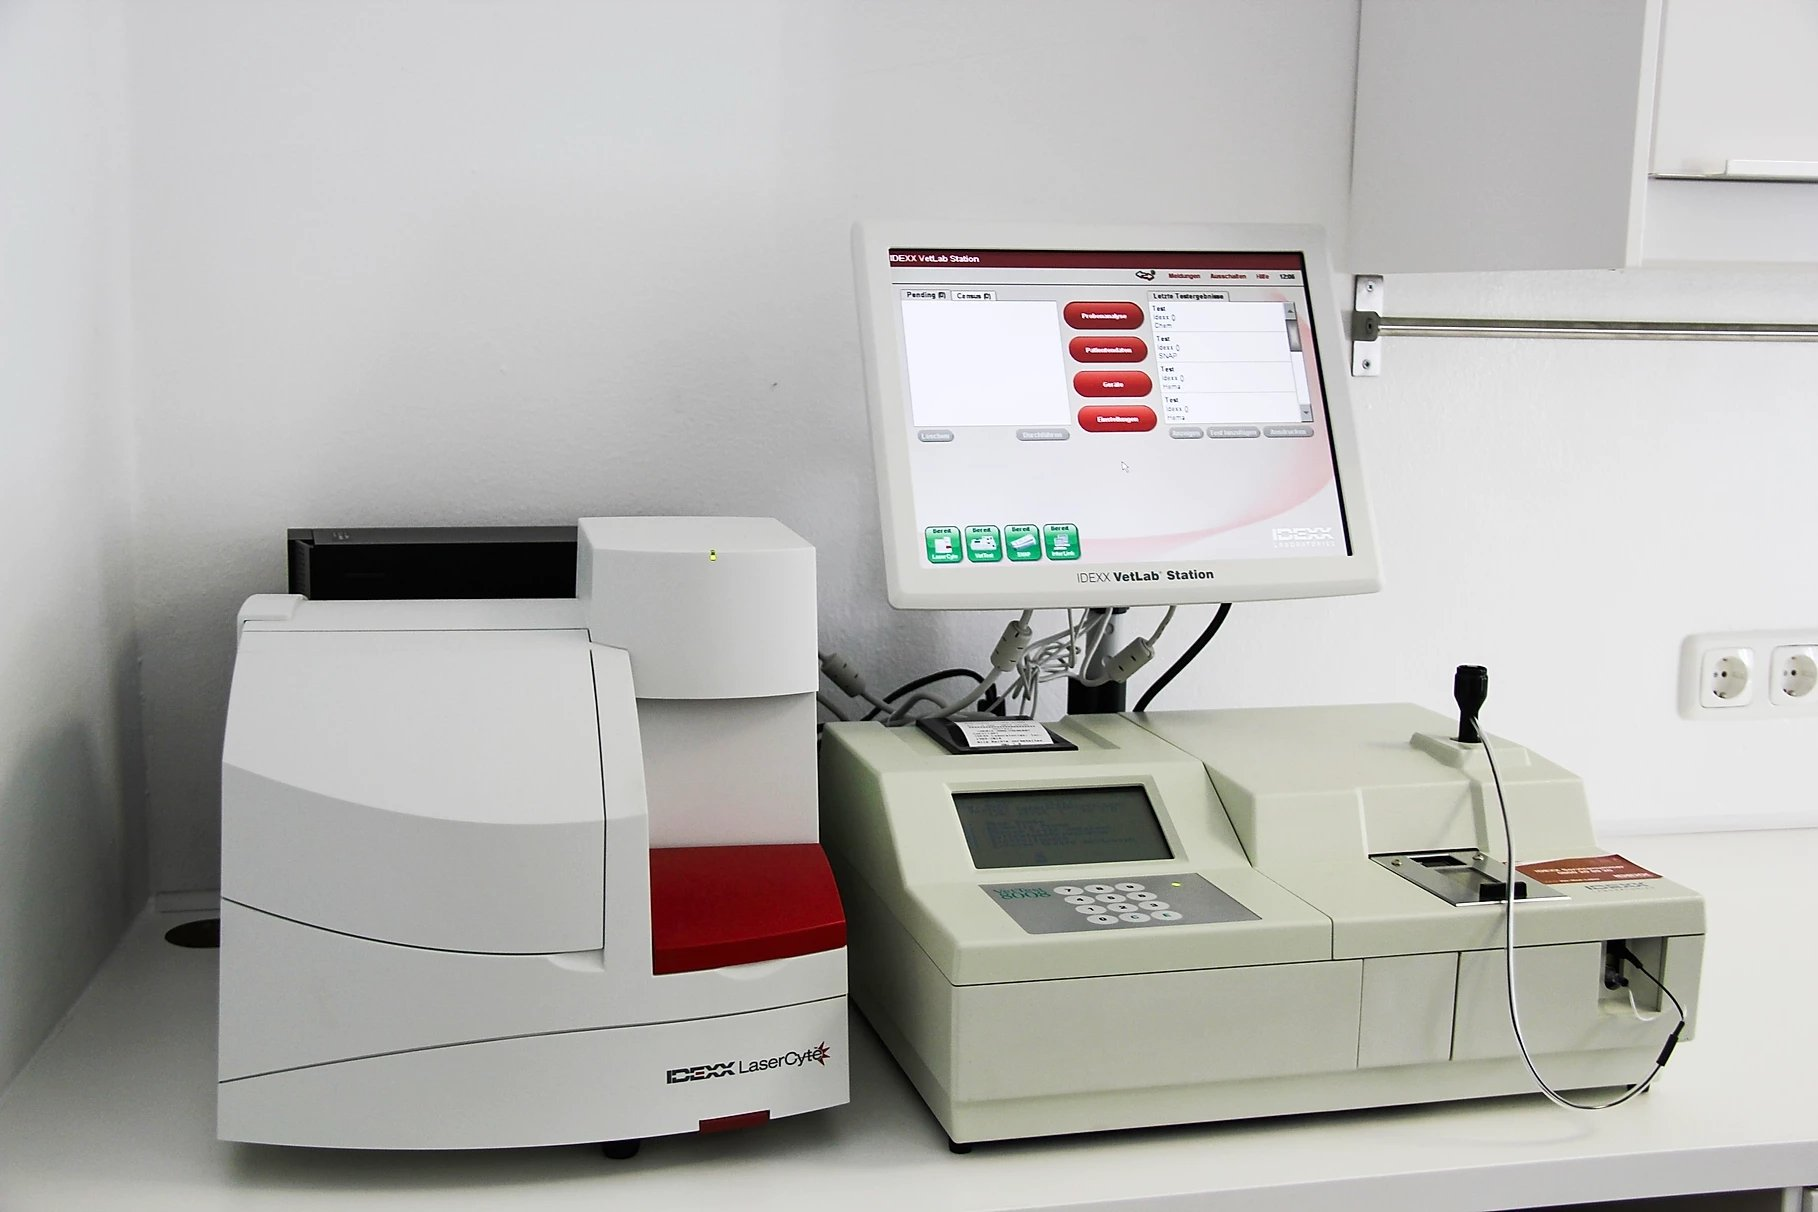 Labor unser komplett ausgestattetes Labor ermöglicht schnelle Befunde wie z.B. Blutbild oder Organwerte innerhalb von Minuten. Das Einschicken von Proben an ein externes Labor ist somit nur in Ausnahmefällen erforderlich.